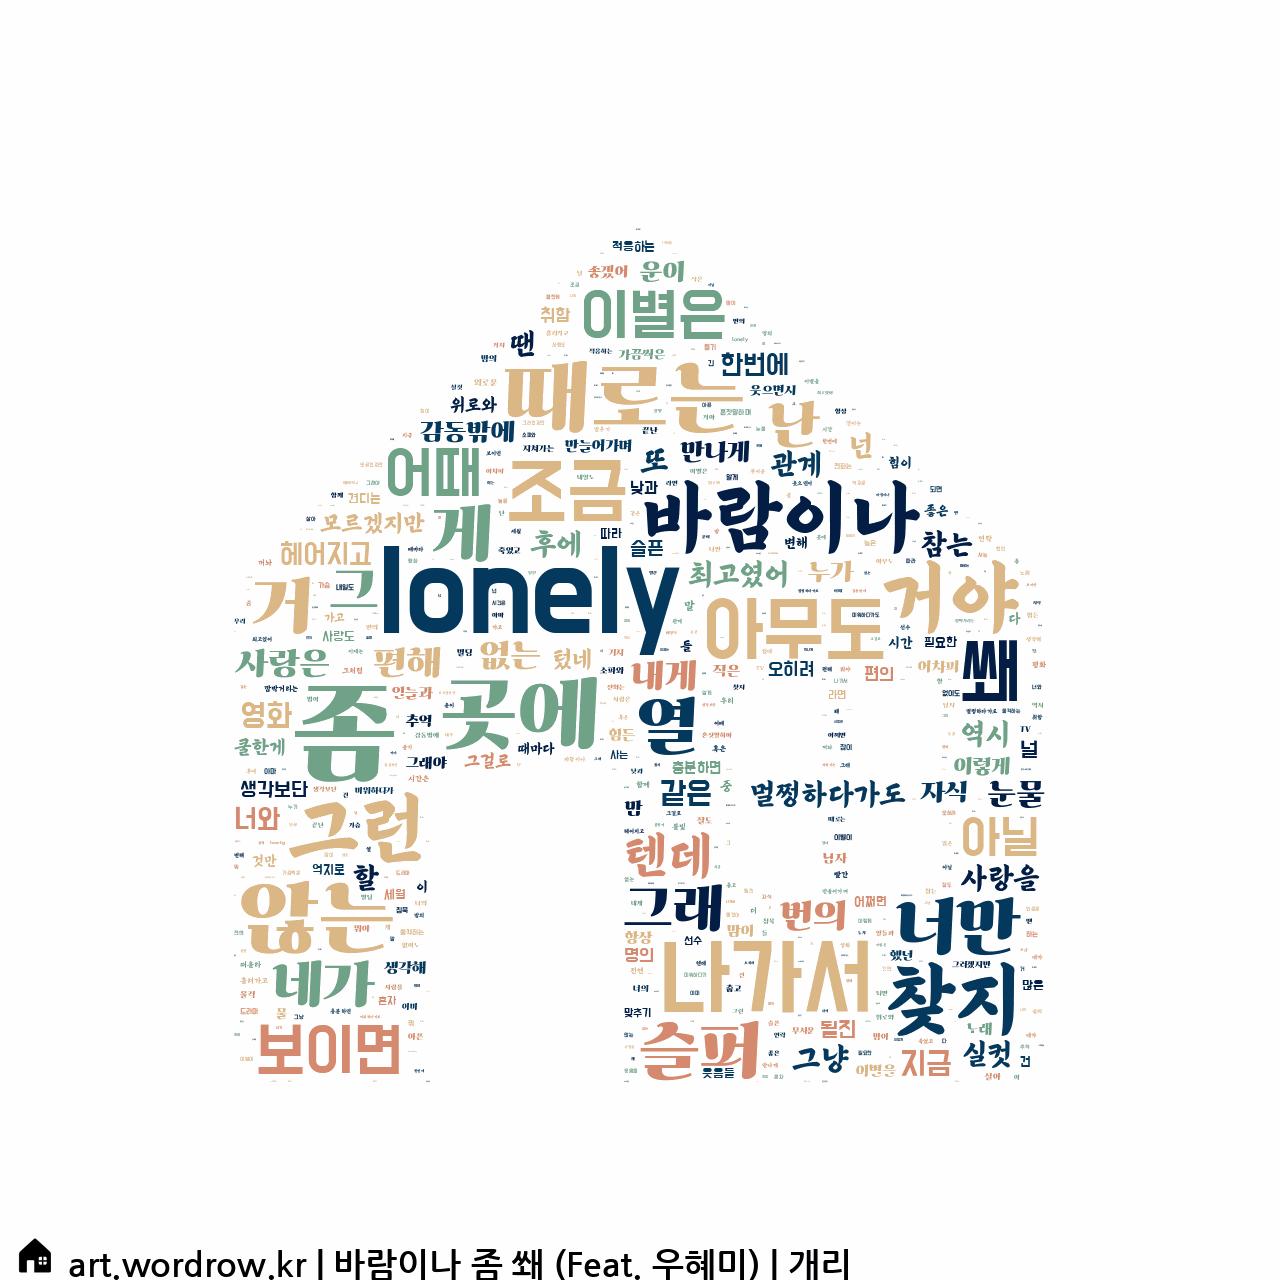 워드 클라우드: 바람이나 좀 쐐 (Feat. 우혜미) [개리]-3